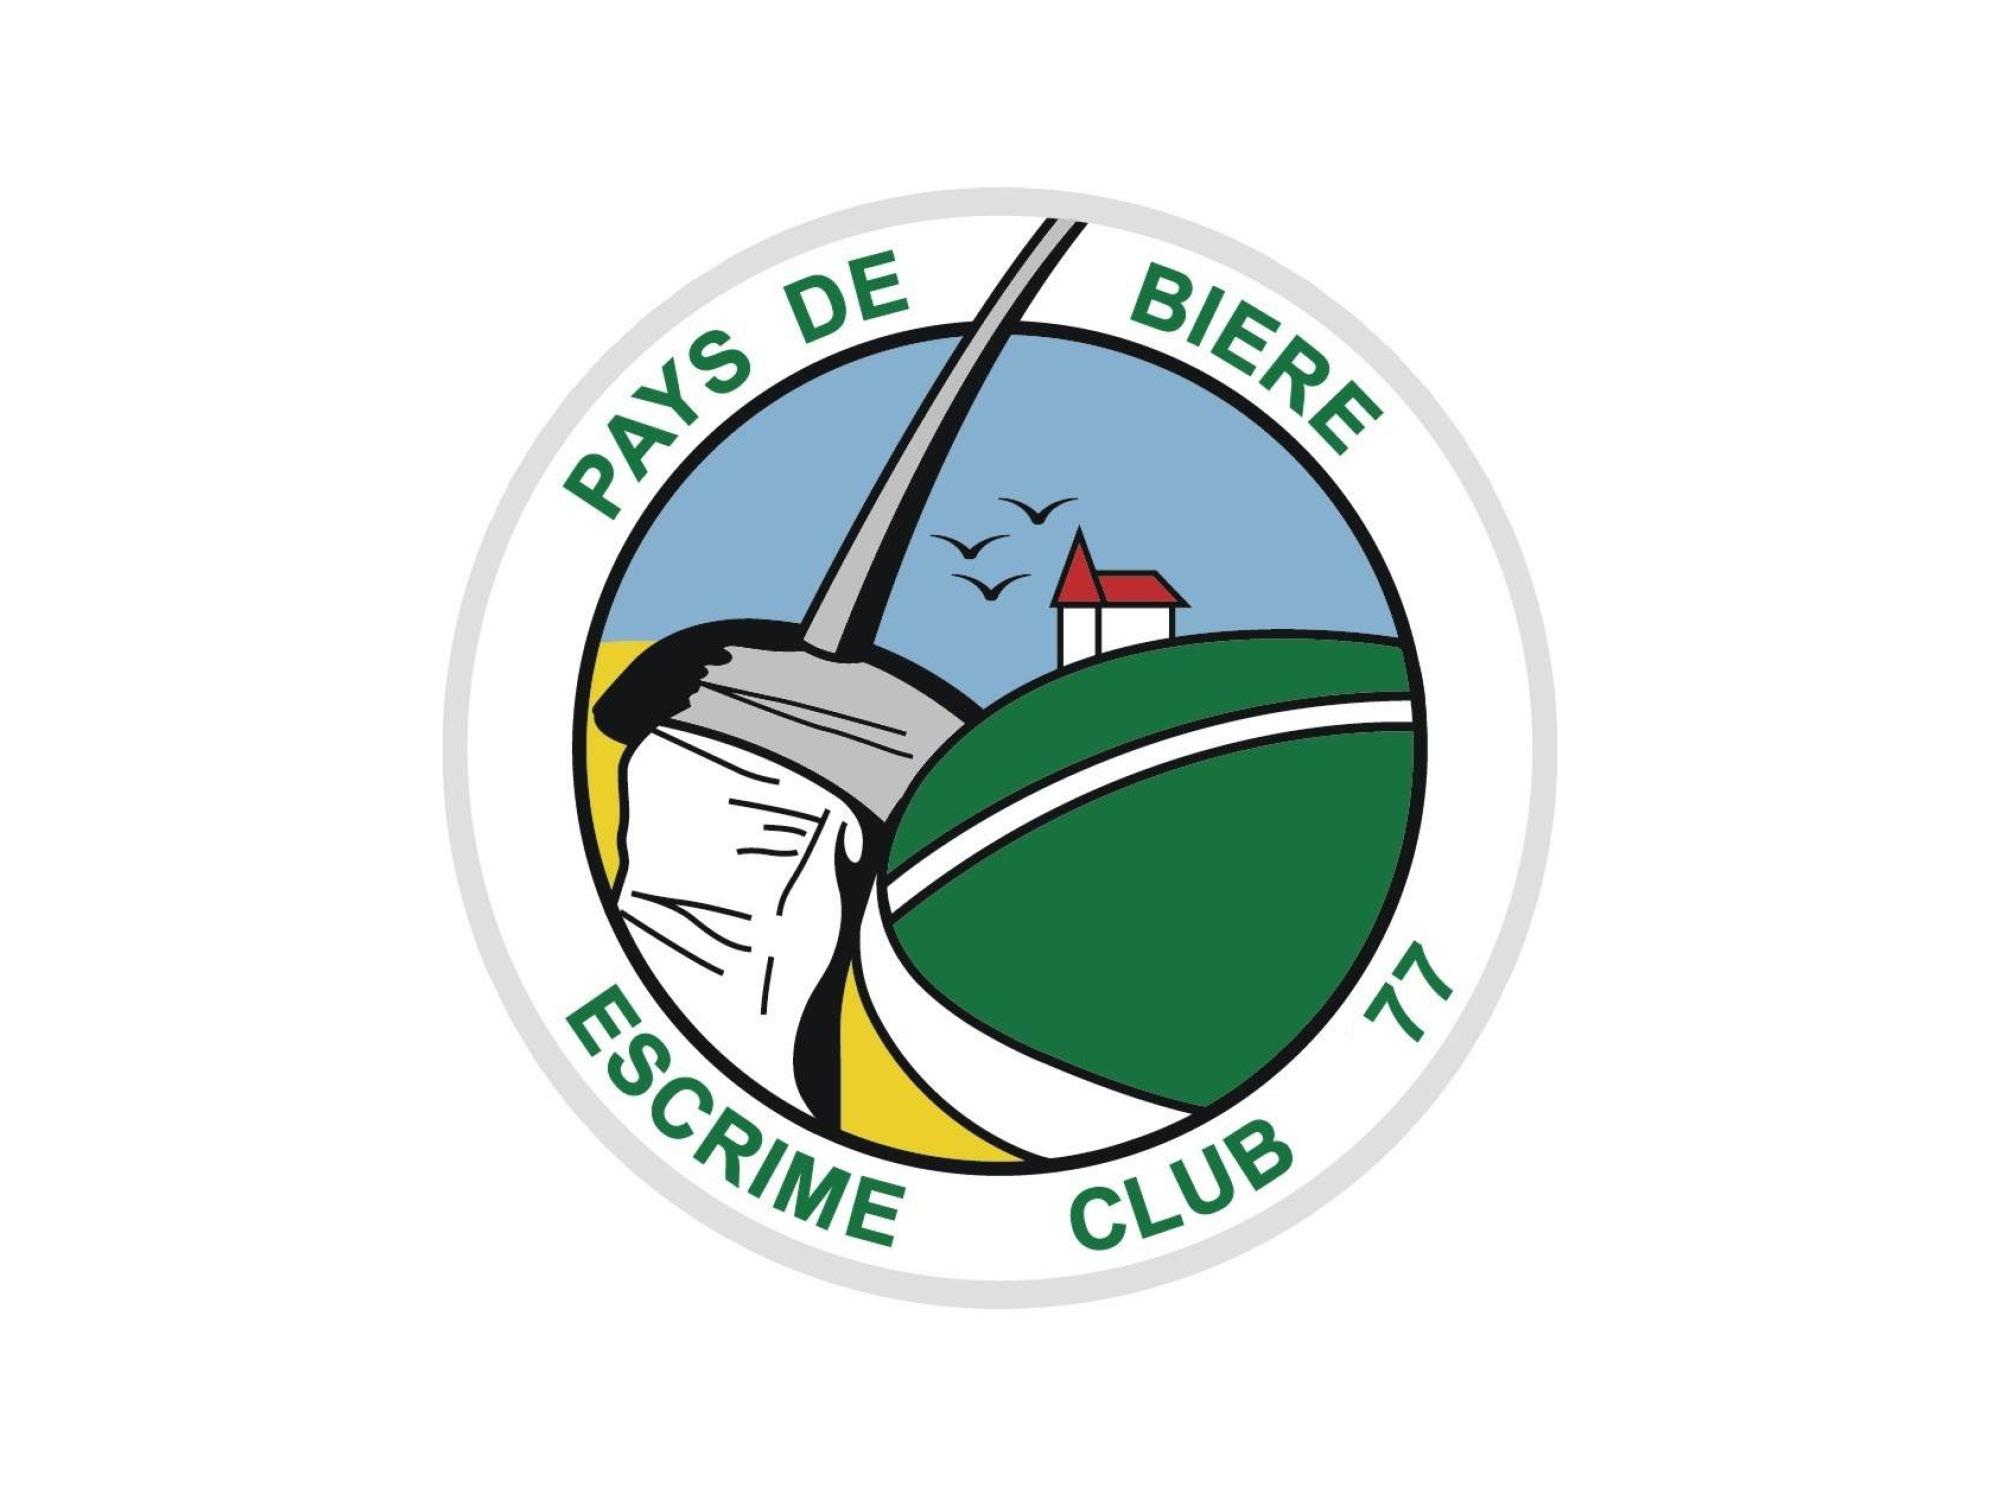 escrime club pdb